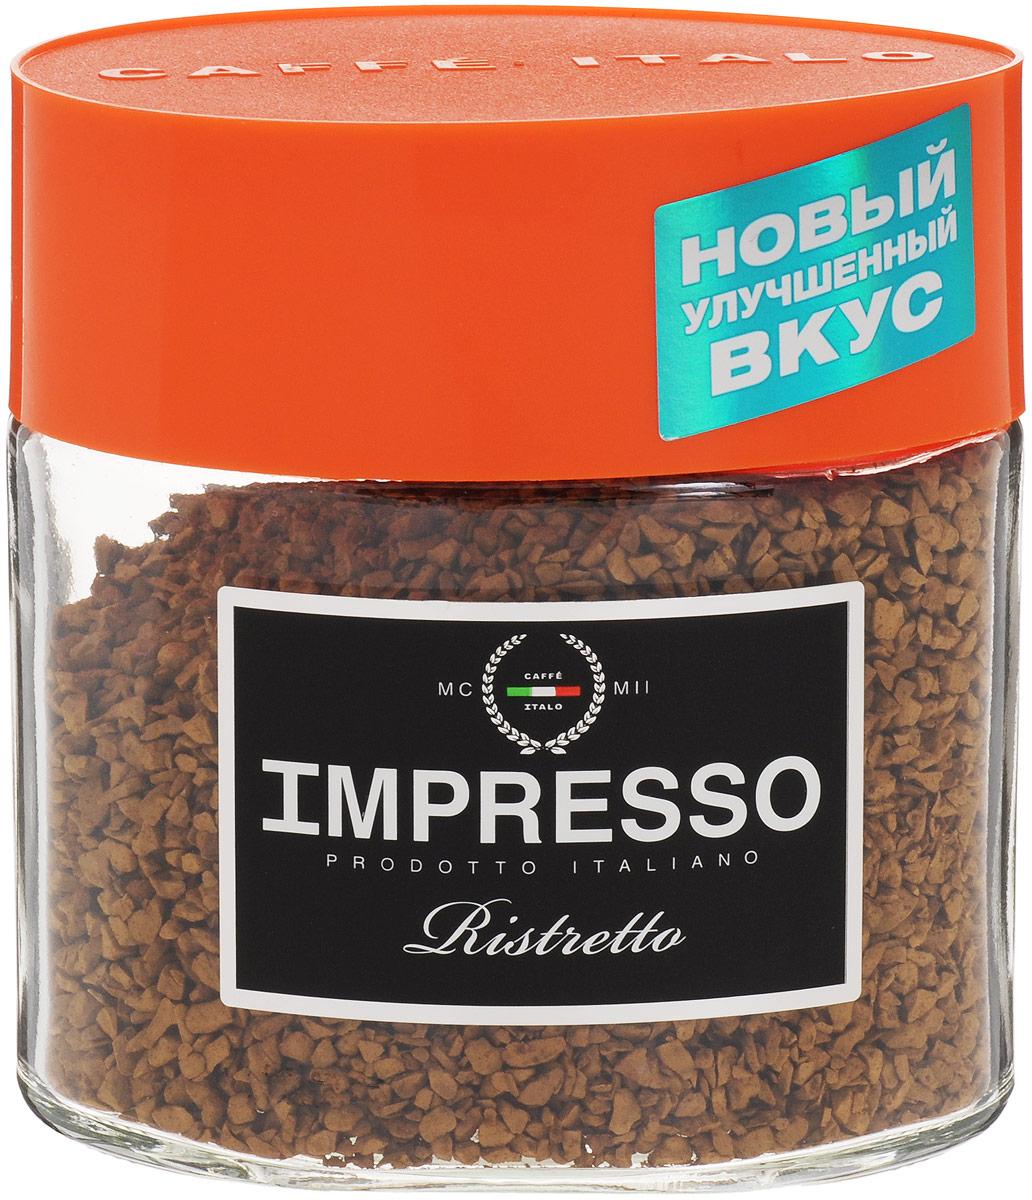 Impresso Ristretto кофе растворимый, 100 г (стеклянная банка)8057288870032Impresso Ristretto - это высококачественная смесь молотого и растворимого кофе из лучшей арабики Бразилии, Никарагуа и Мексики с крепким, насыщенным вкусом. Купаж кофе Impresso Ristretto собран из лучших сортов арабики Бразилии, Никарагуа и Мексики, благодаря чему этот настоящий итальянский кофе обладает поистине крепким и насыщенным вкусом.Уважаемые клиенты! Обращаем ваше внимание на то, что упаковка может иметь несколько видов дизайна. Поставка осуществляется в зависимости от наличия на складе.